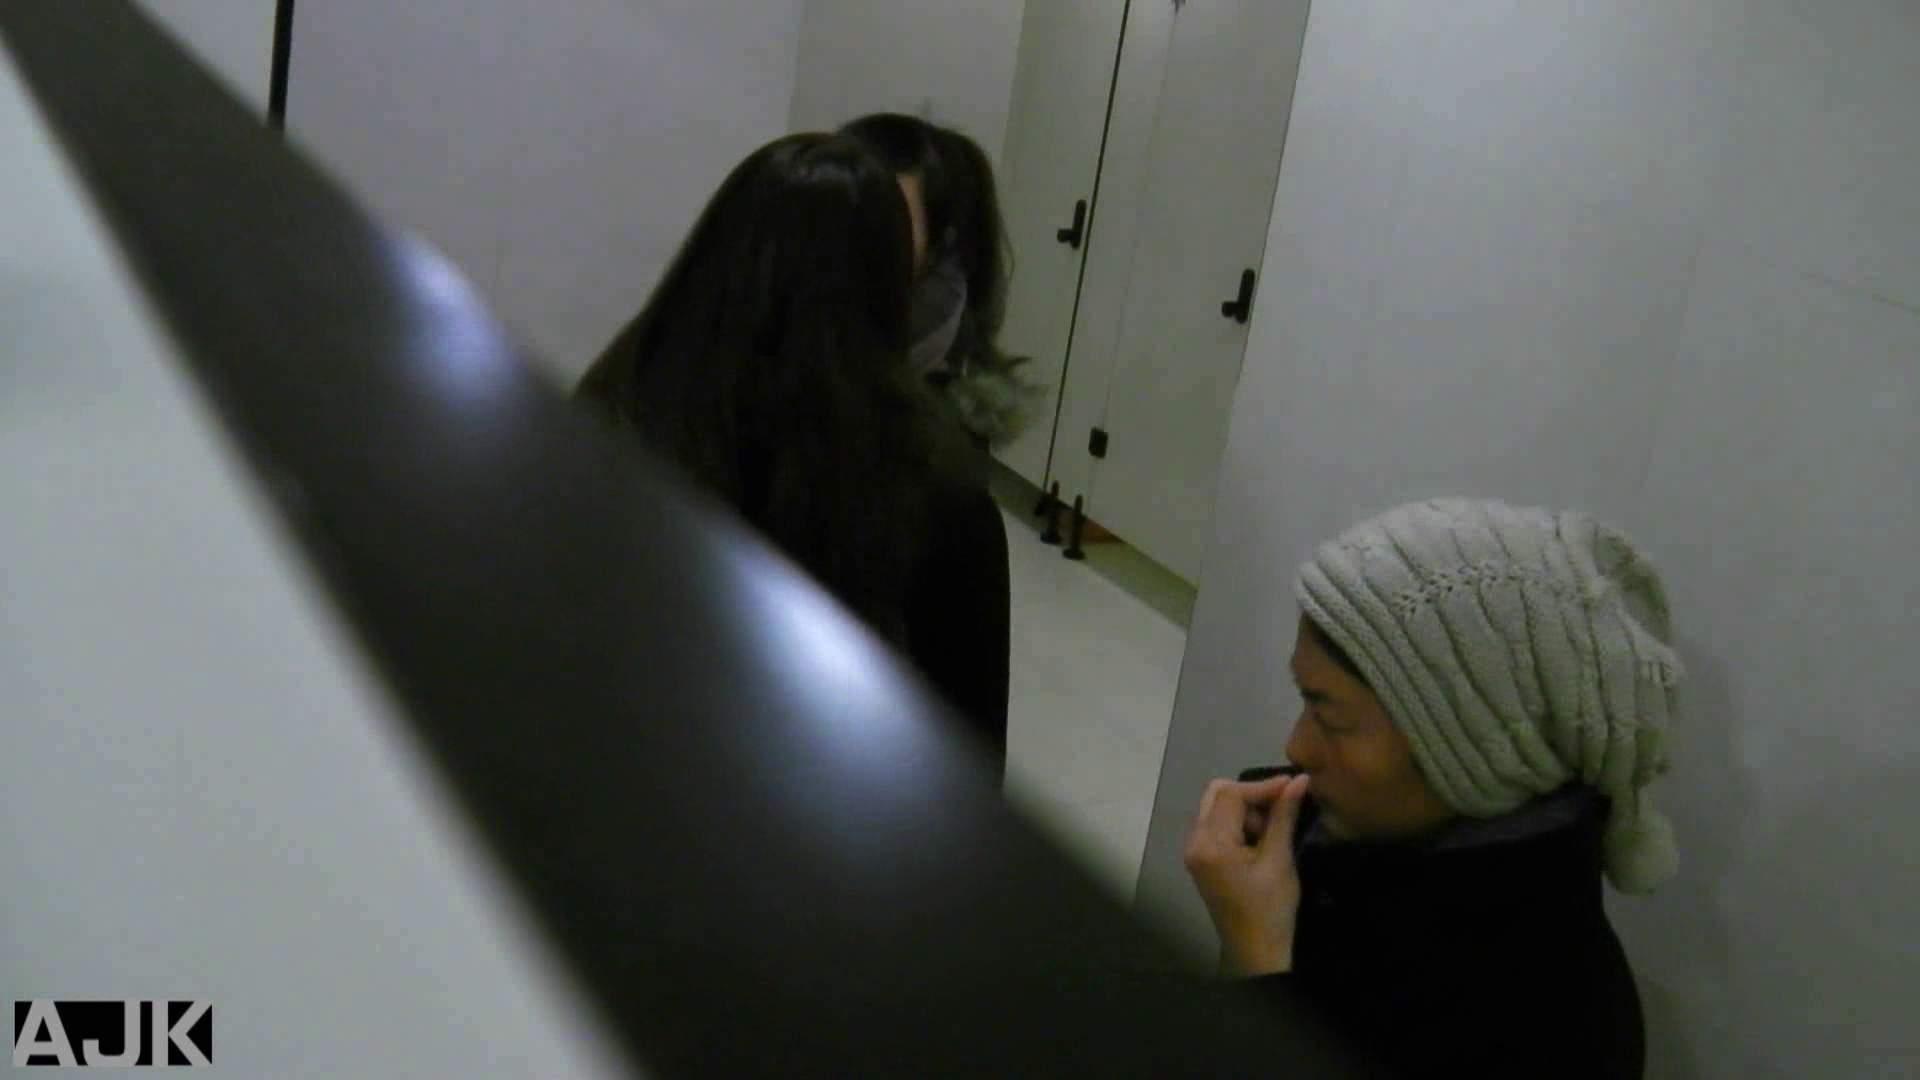 隣国上階級エリアの令嬢たちが集うデパートお手洗い Vol.07 オマンコ大好き  53画像 33